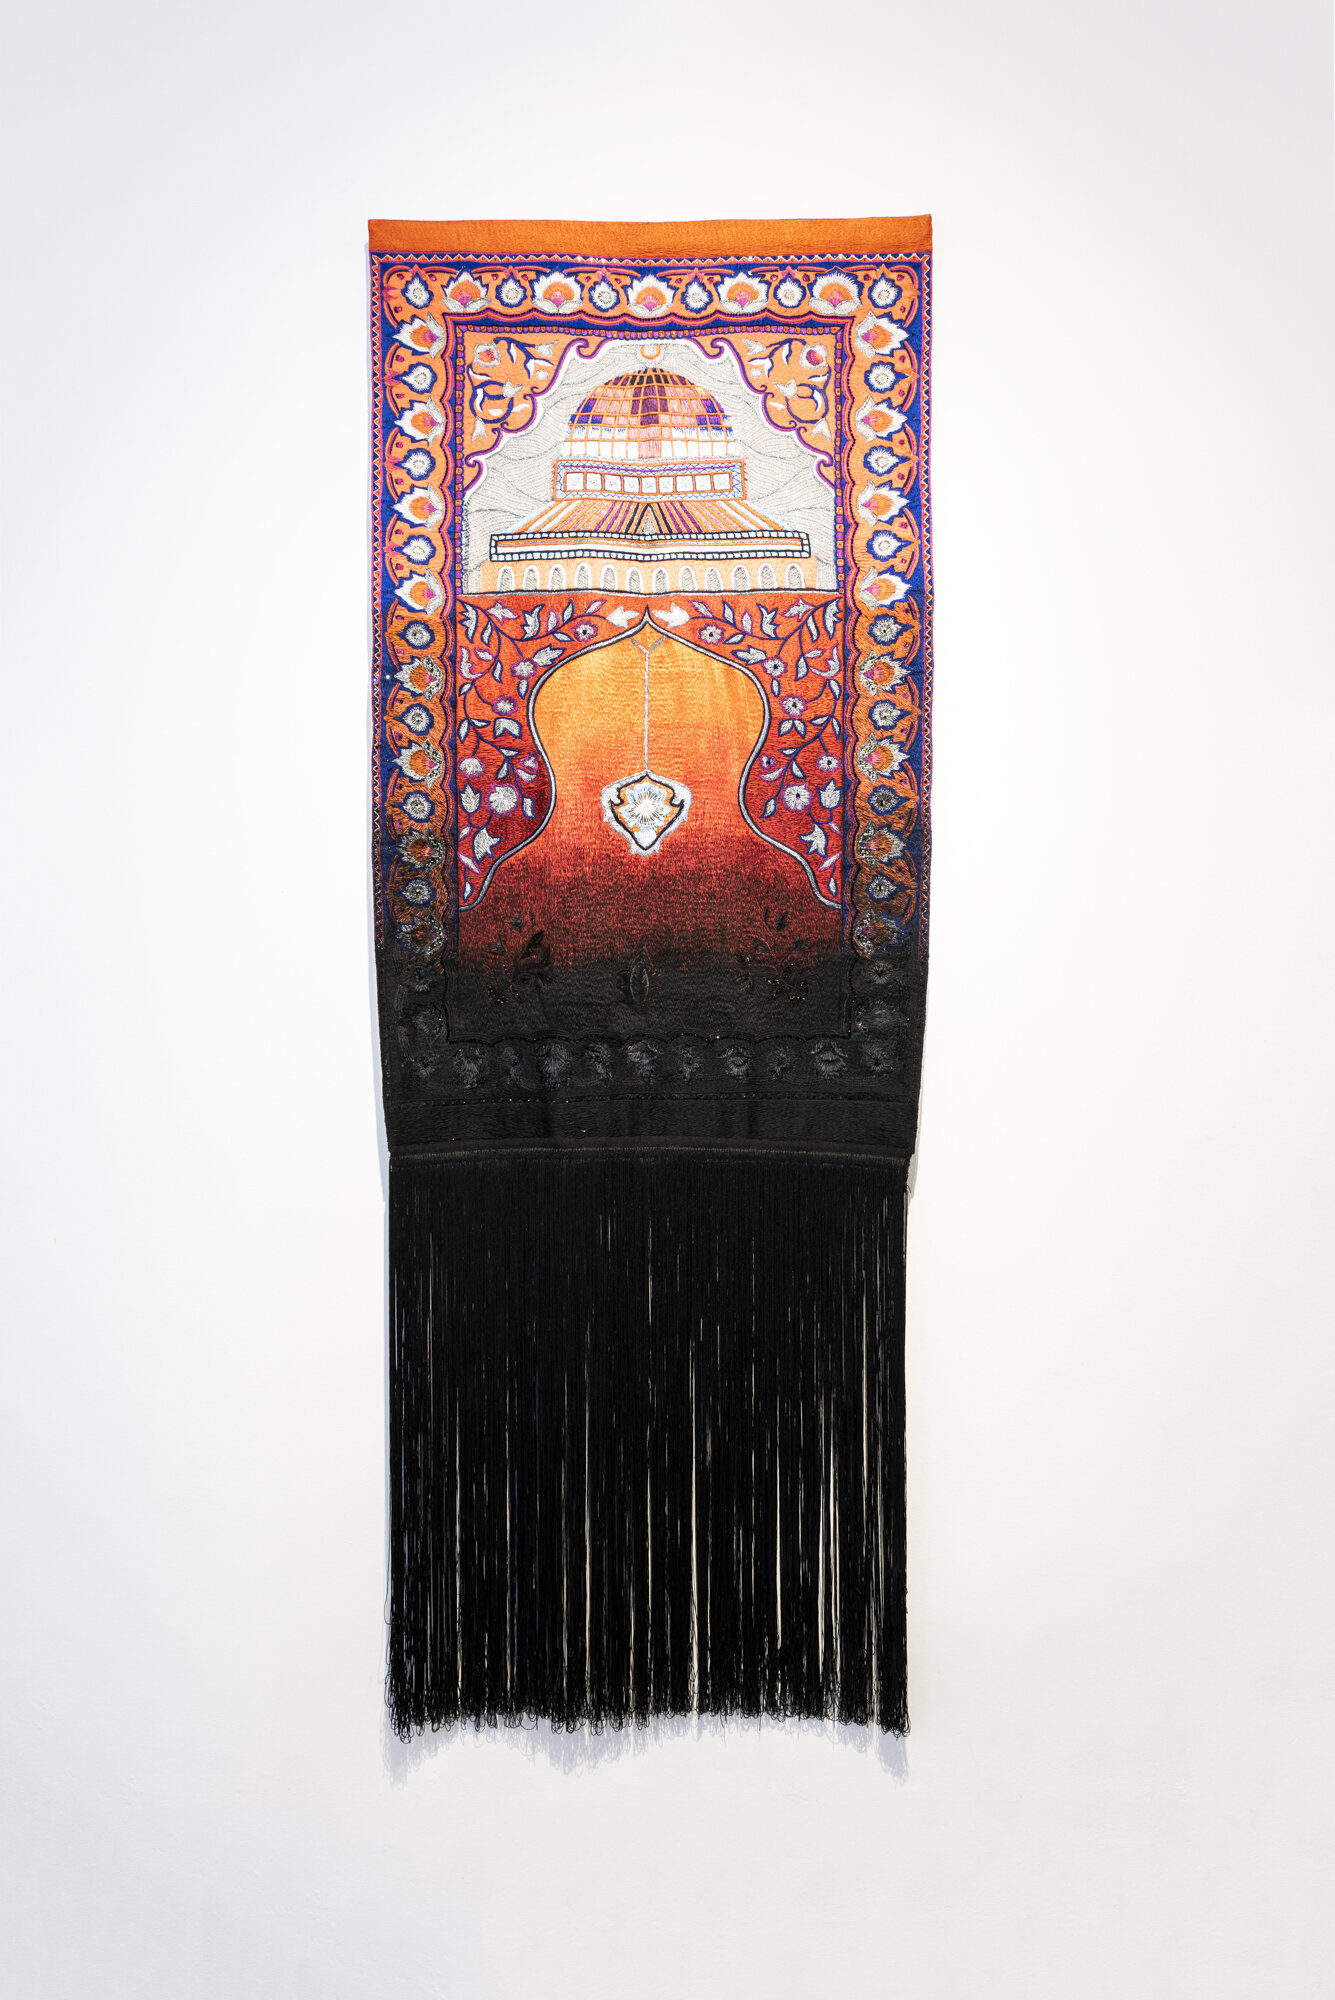 Musallah   Thania Petersen  2018  Cotton-thread on fabric